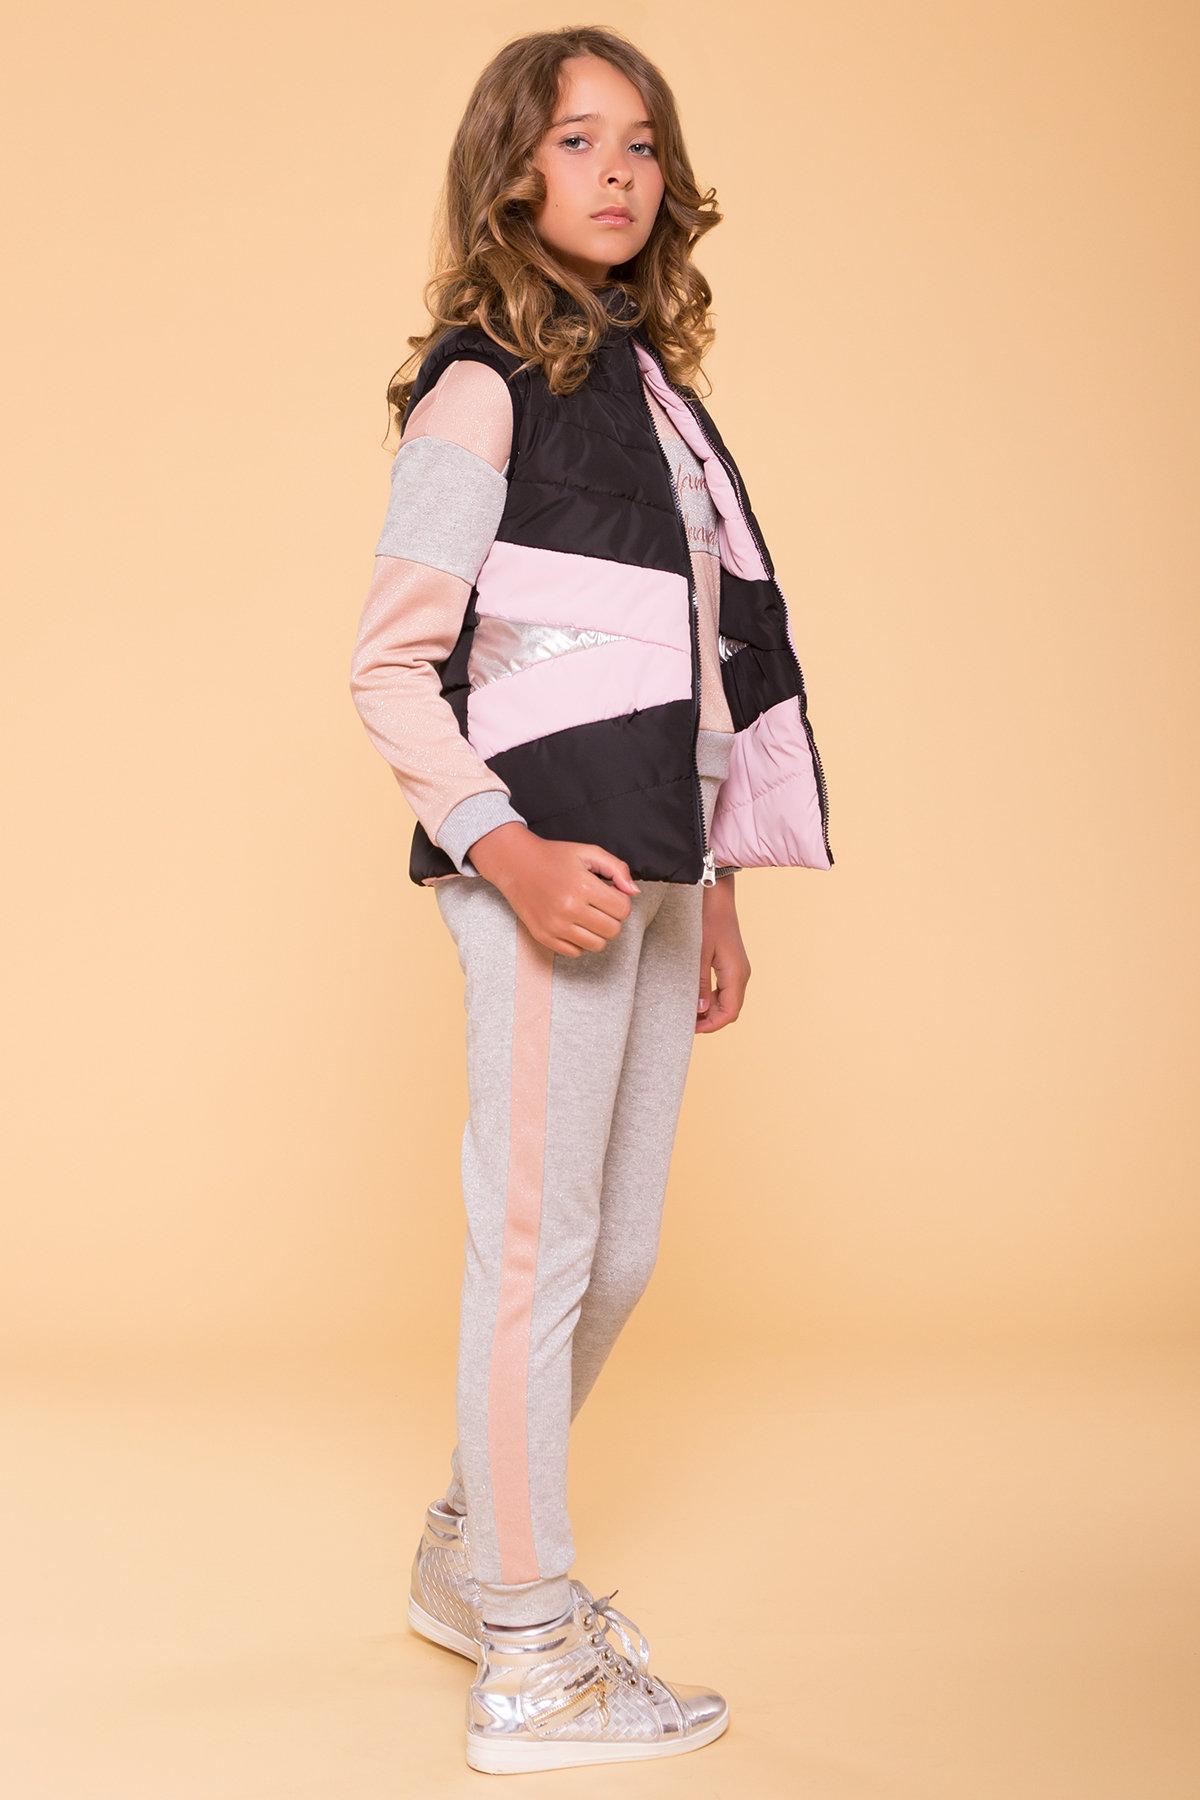 Жилет детский Терра 6875 АРТ. 41957 Цвет: Пудра св/черный - фото 3, интернет магазин tm-modus.ru